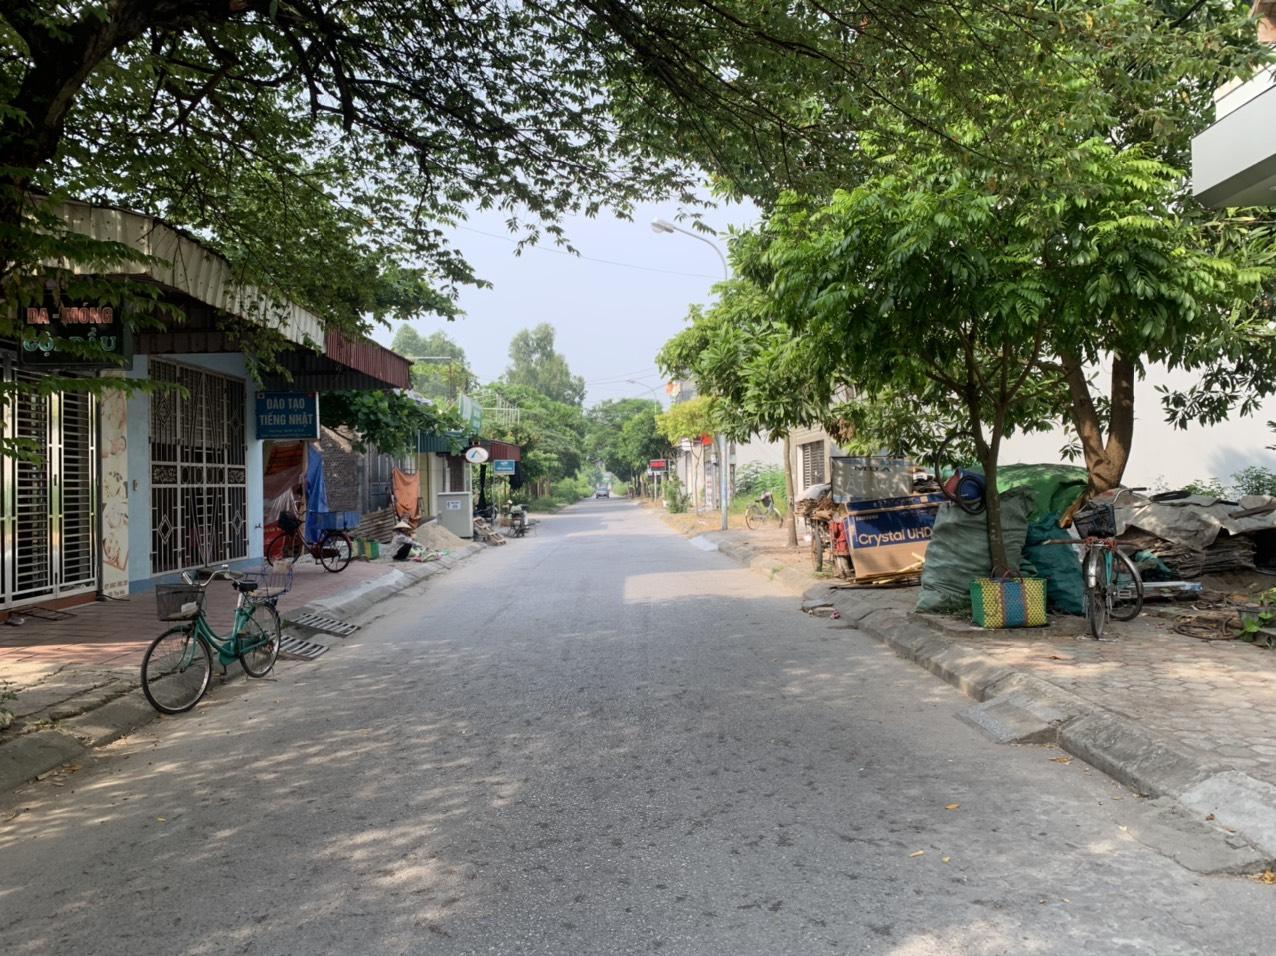 Cần bán Đất 103,5m2 mặt đường kinh doanh tại Tiền Trung - Ái Quốc - TP.Hải Dương.